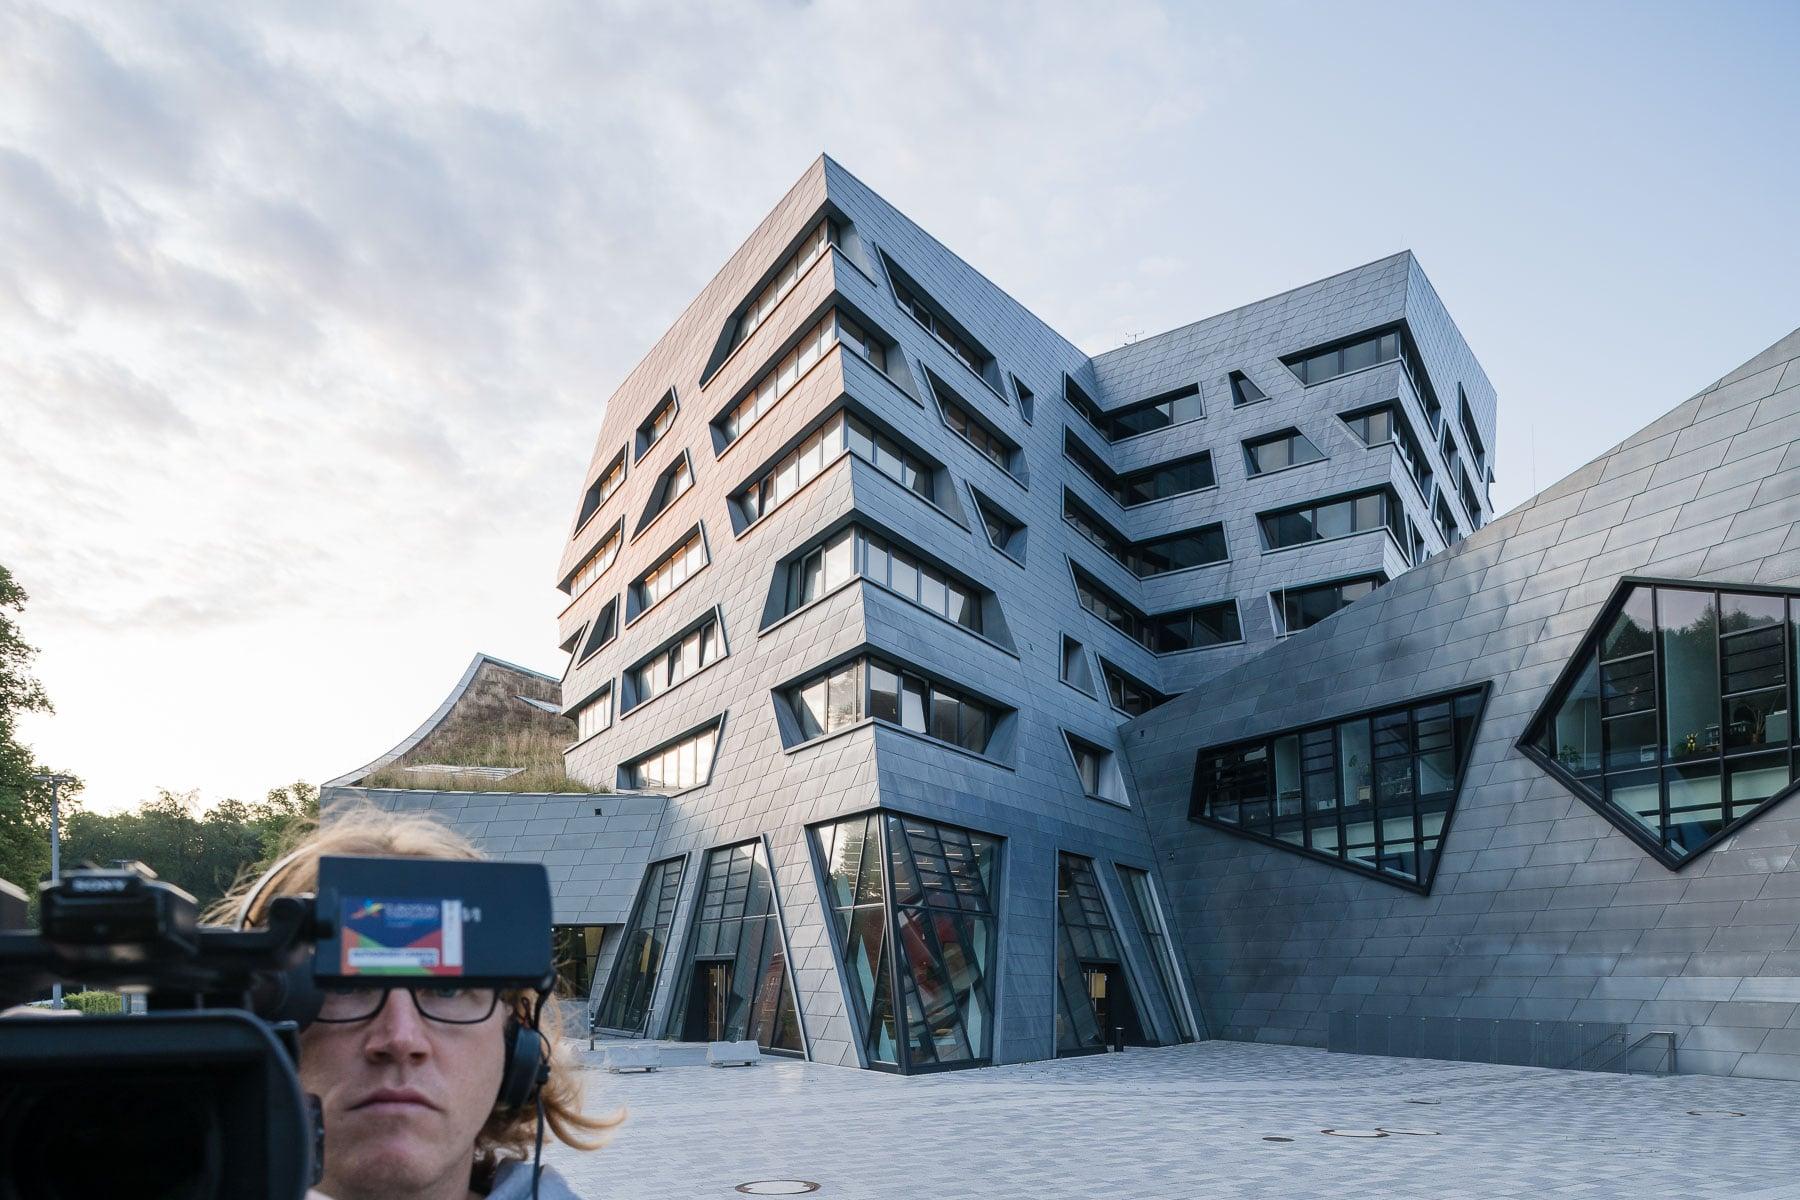 Architekturfoto mit Kameramann im Bild